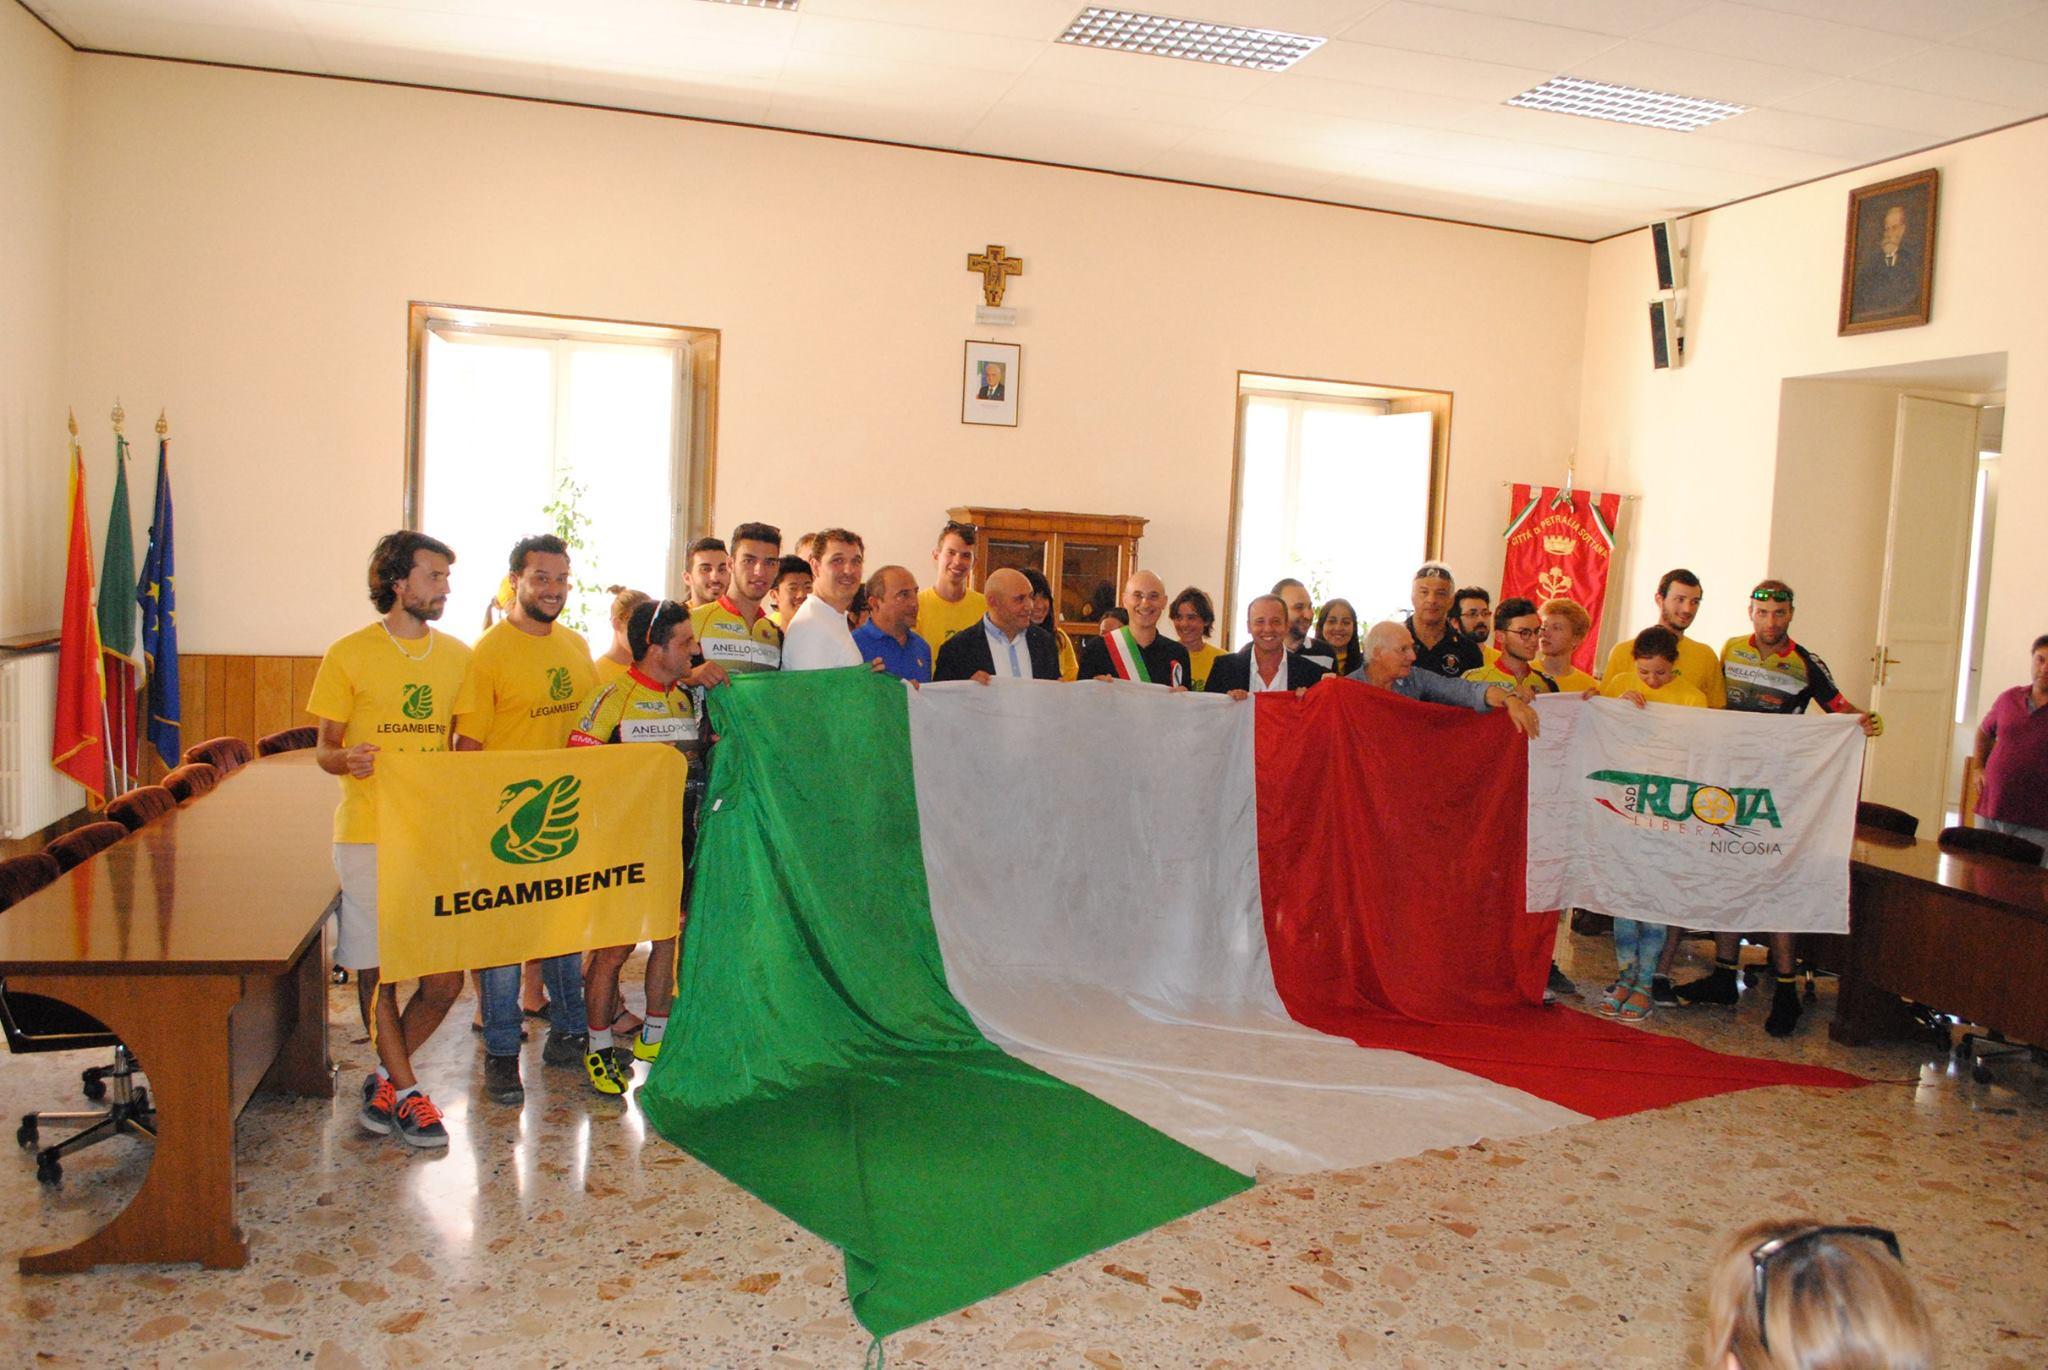 Il Giro arriva a Petralia Sottana, in provincia di Palermo, nel cuore del Parco delle Madonie